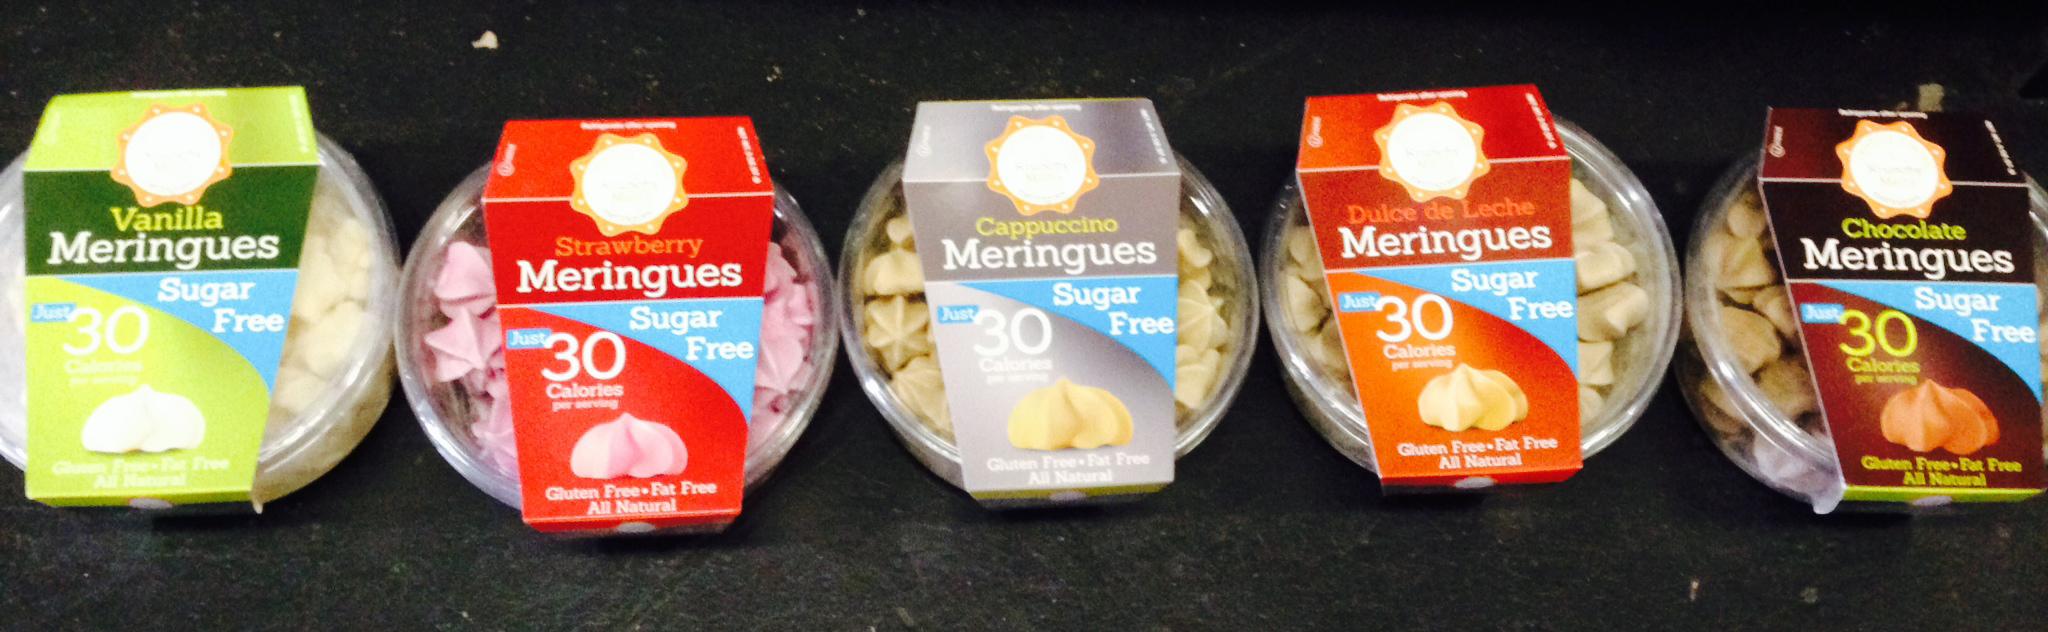 Krunchy Melts Sugar Free Meringues Dulce De Leche 2 oz.